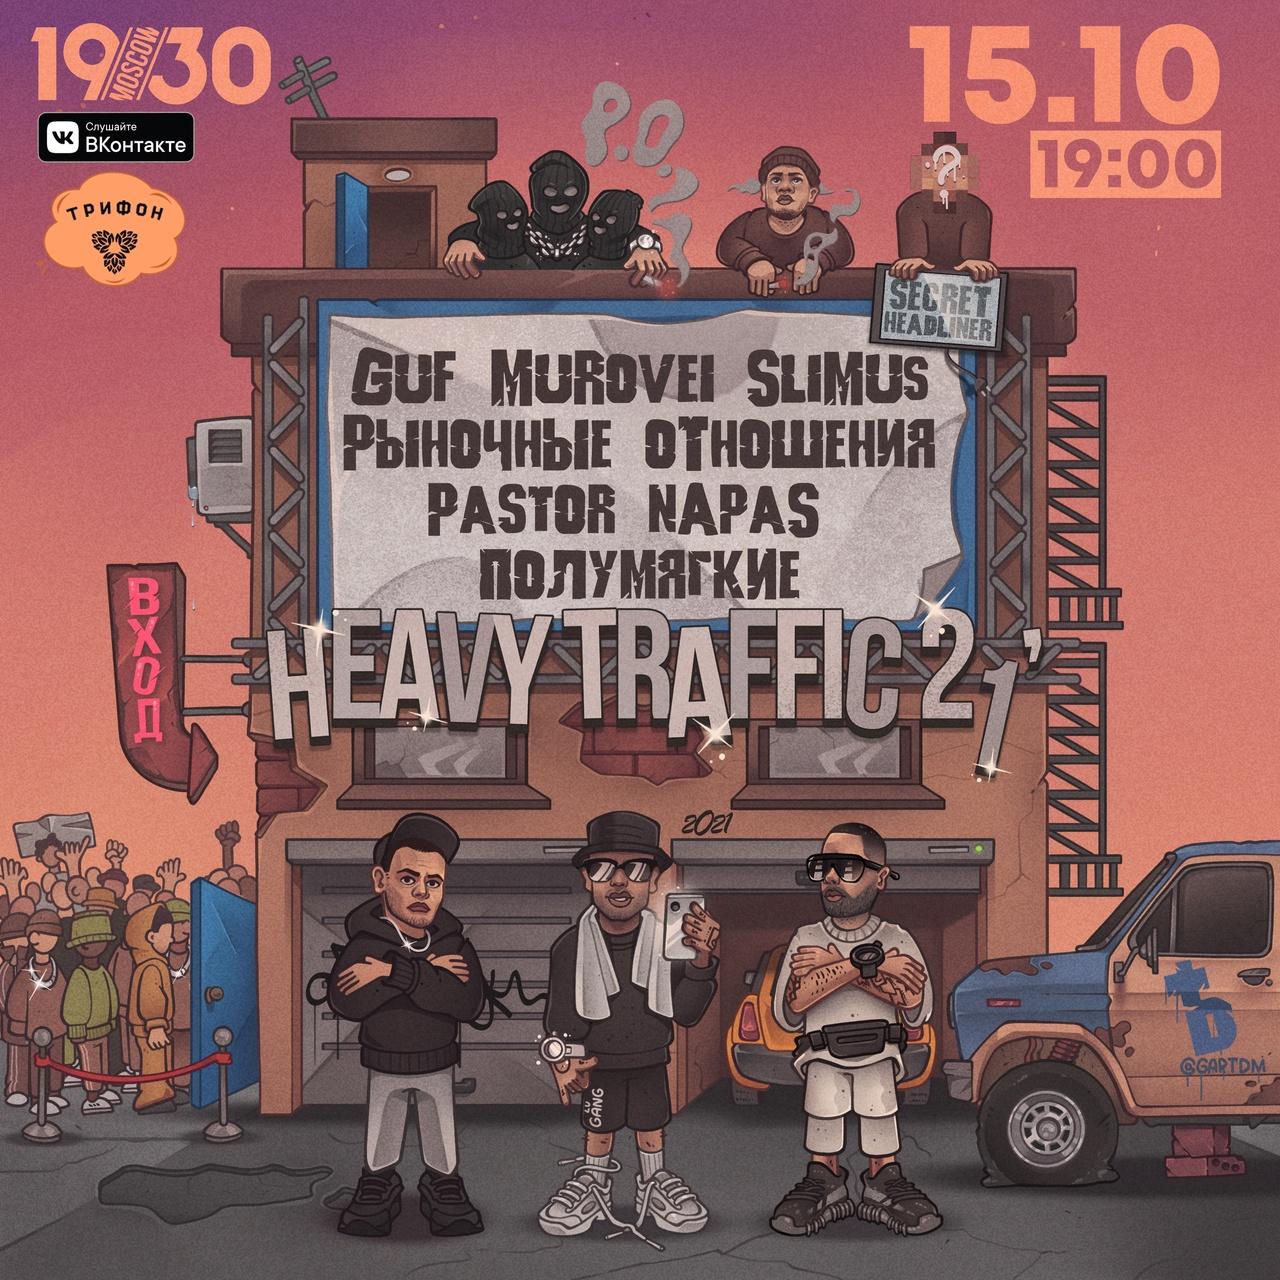 Афиша 15 ОКТЯБРЯ HEAVY TRAFFIC 21 1930 MOSCOW